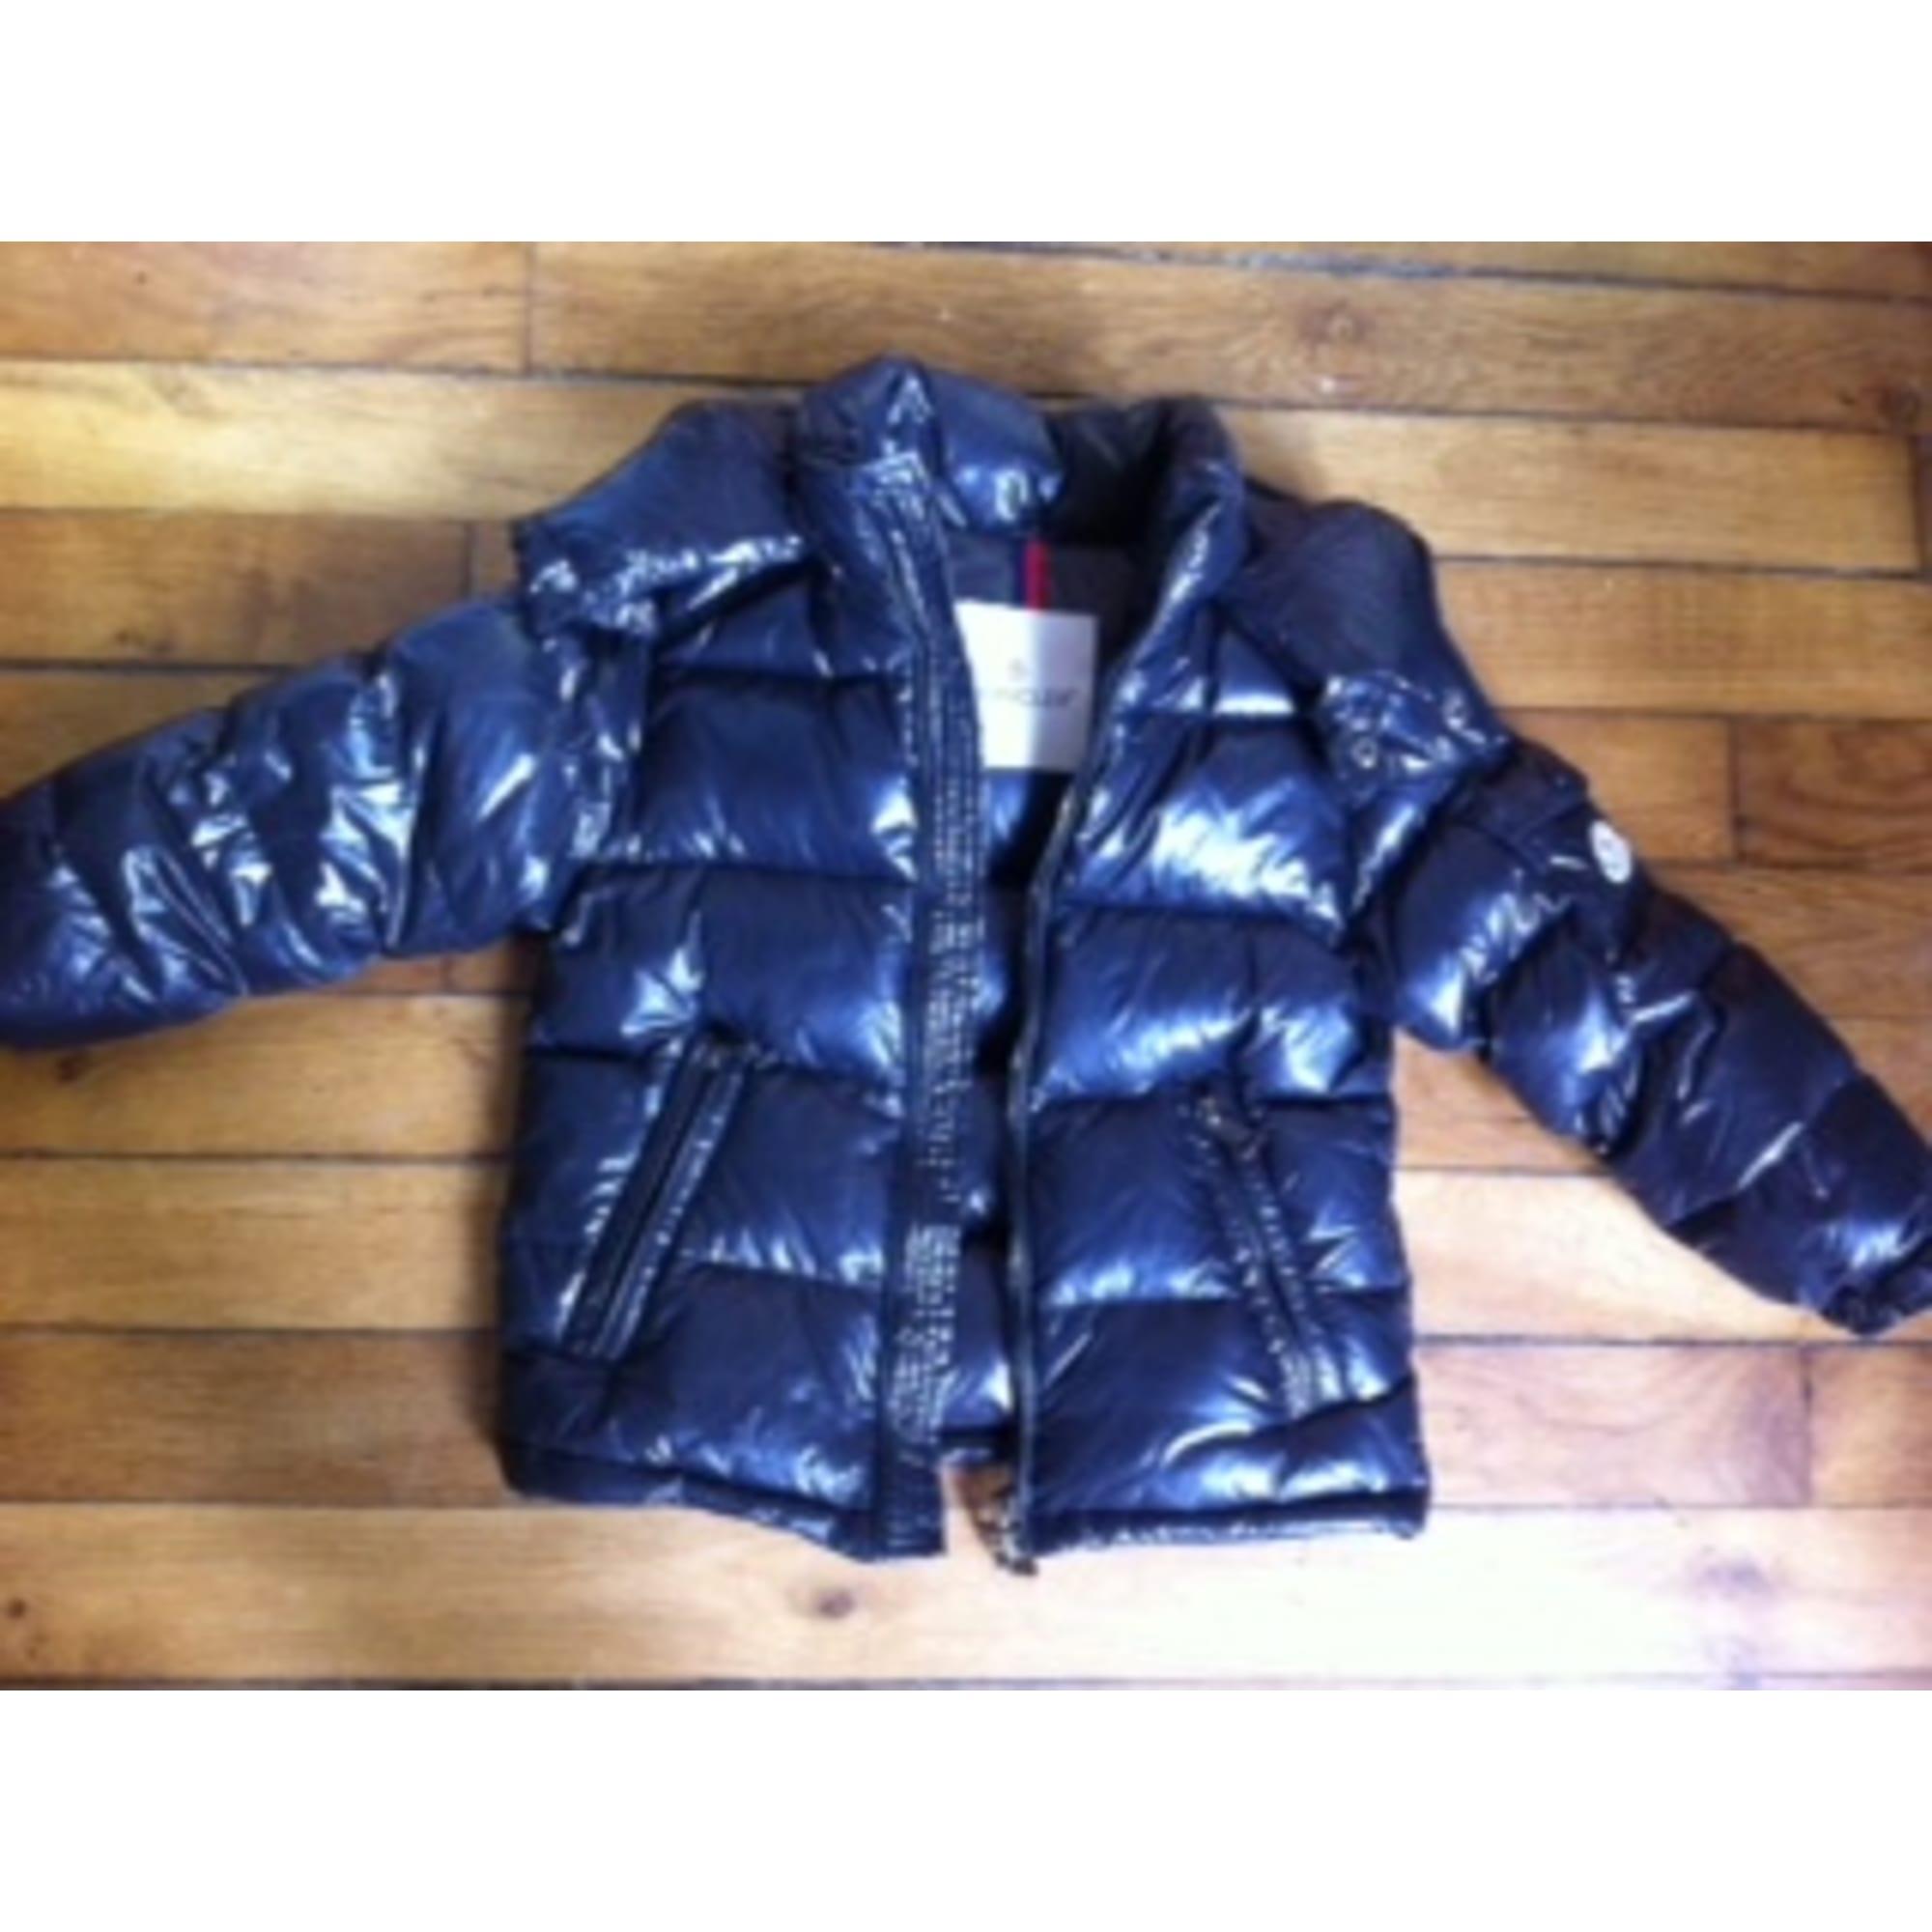 25d7139016b Doudoune MONCLER 3-4 ans marron vendu par Stefania245763 - 1596994